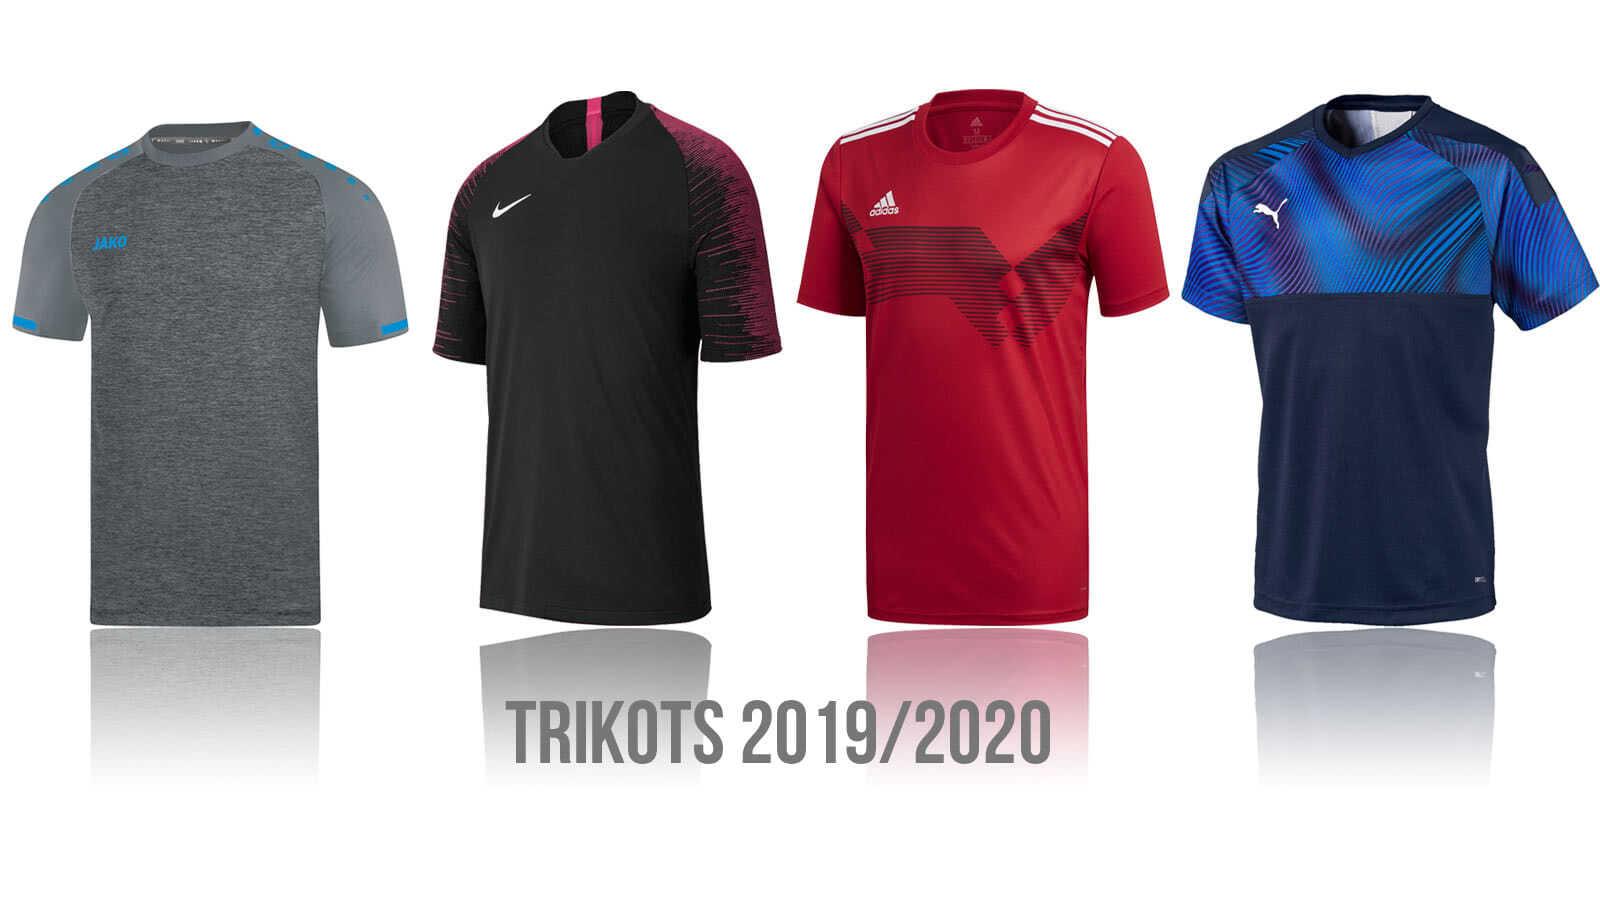 großer Rabatt Luxus-Ästhetik Qualitätsprodukte alle neuen Trikots für 2019/2020 | Fußball und mehr | alle ...